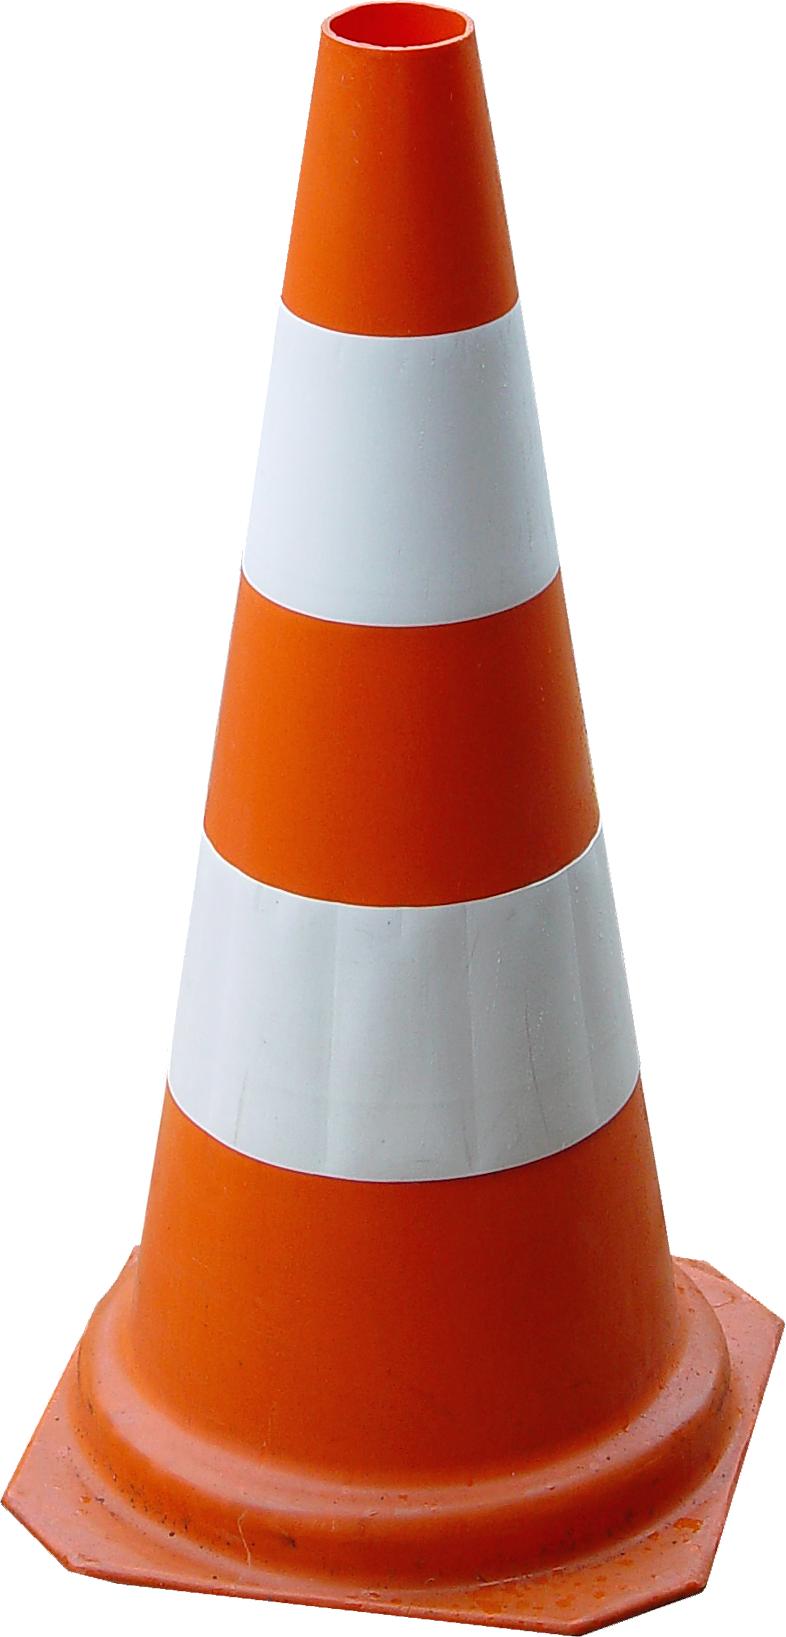 Orange Cone's PNG Image